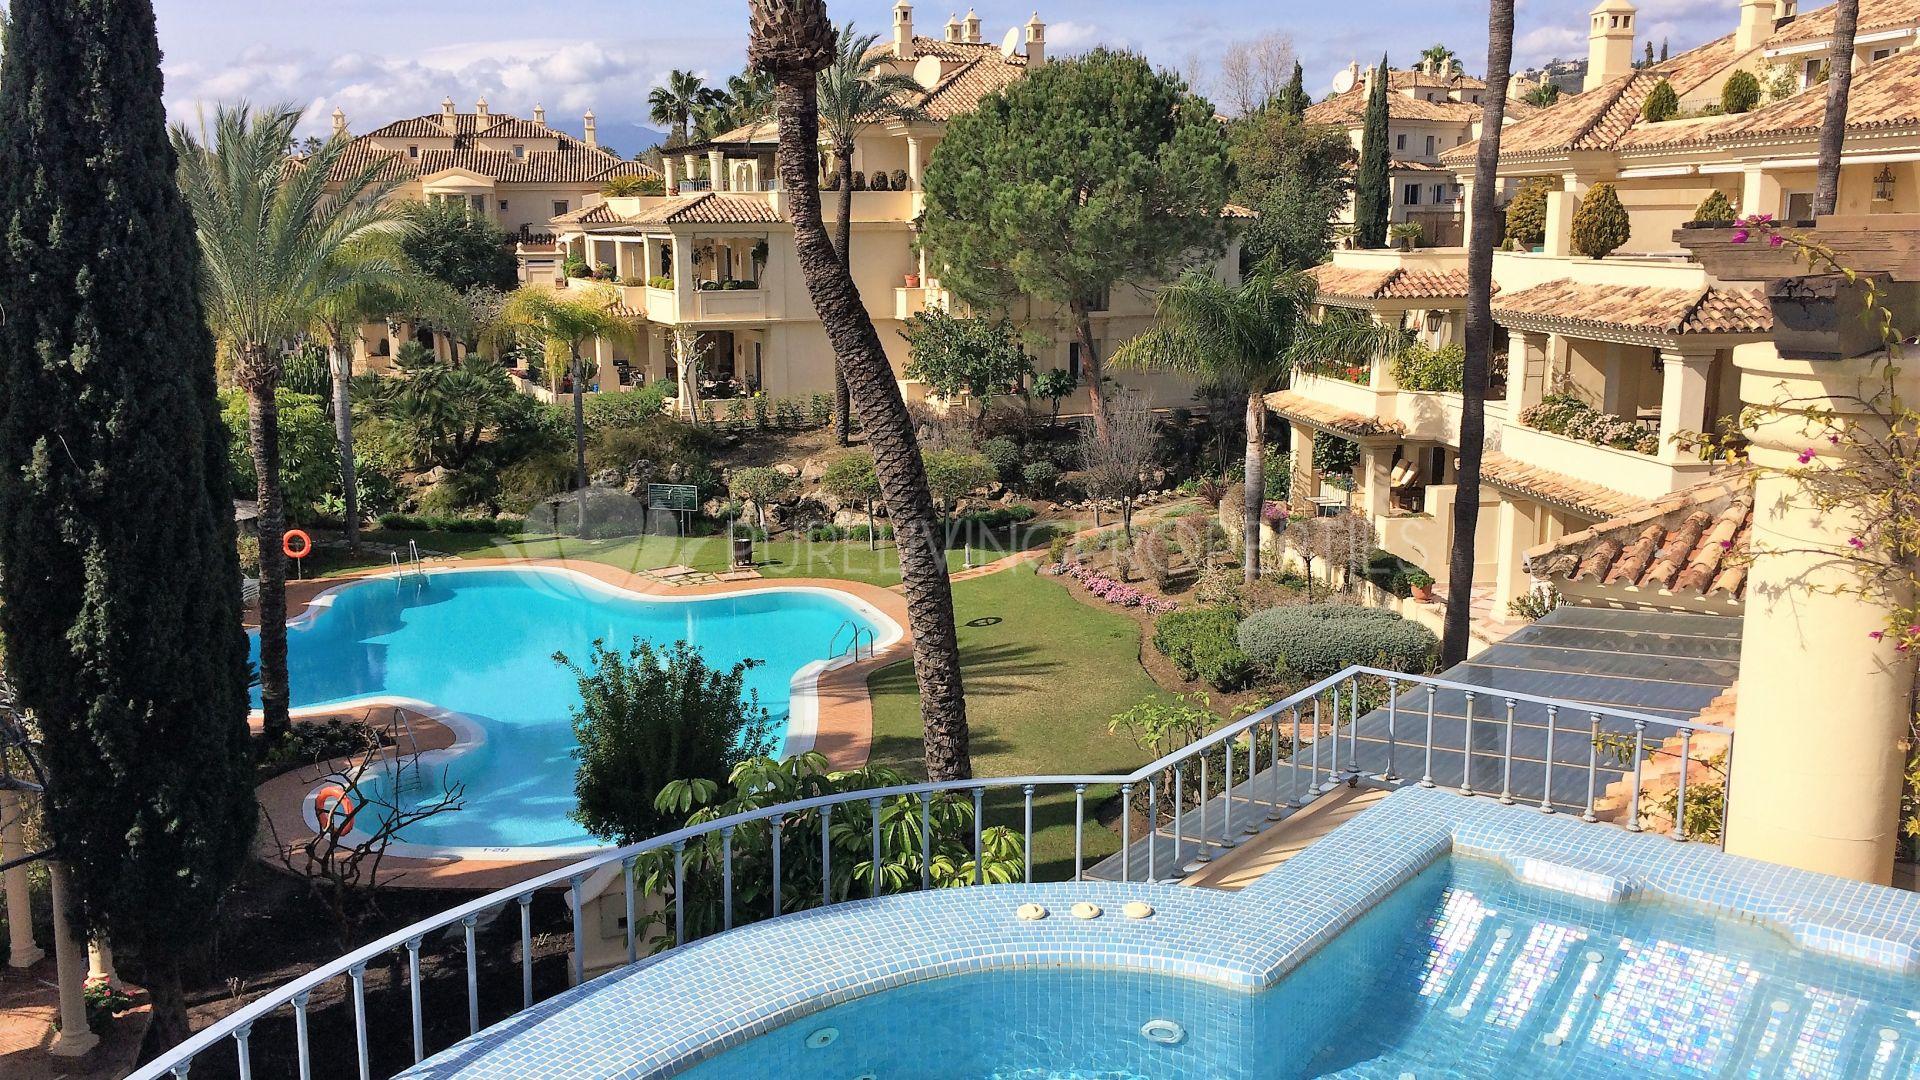 Nueva Andalucía, the Golf Valley of Marbella